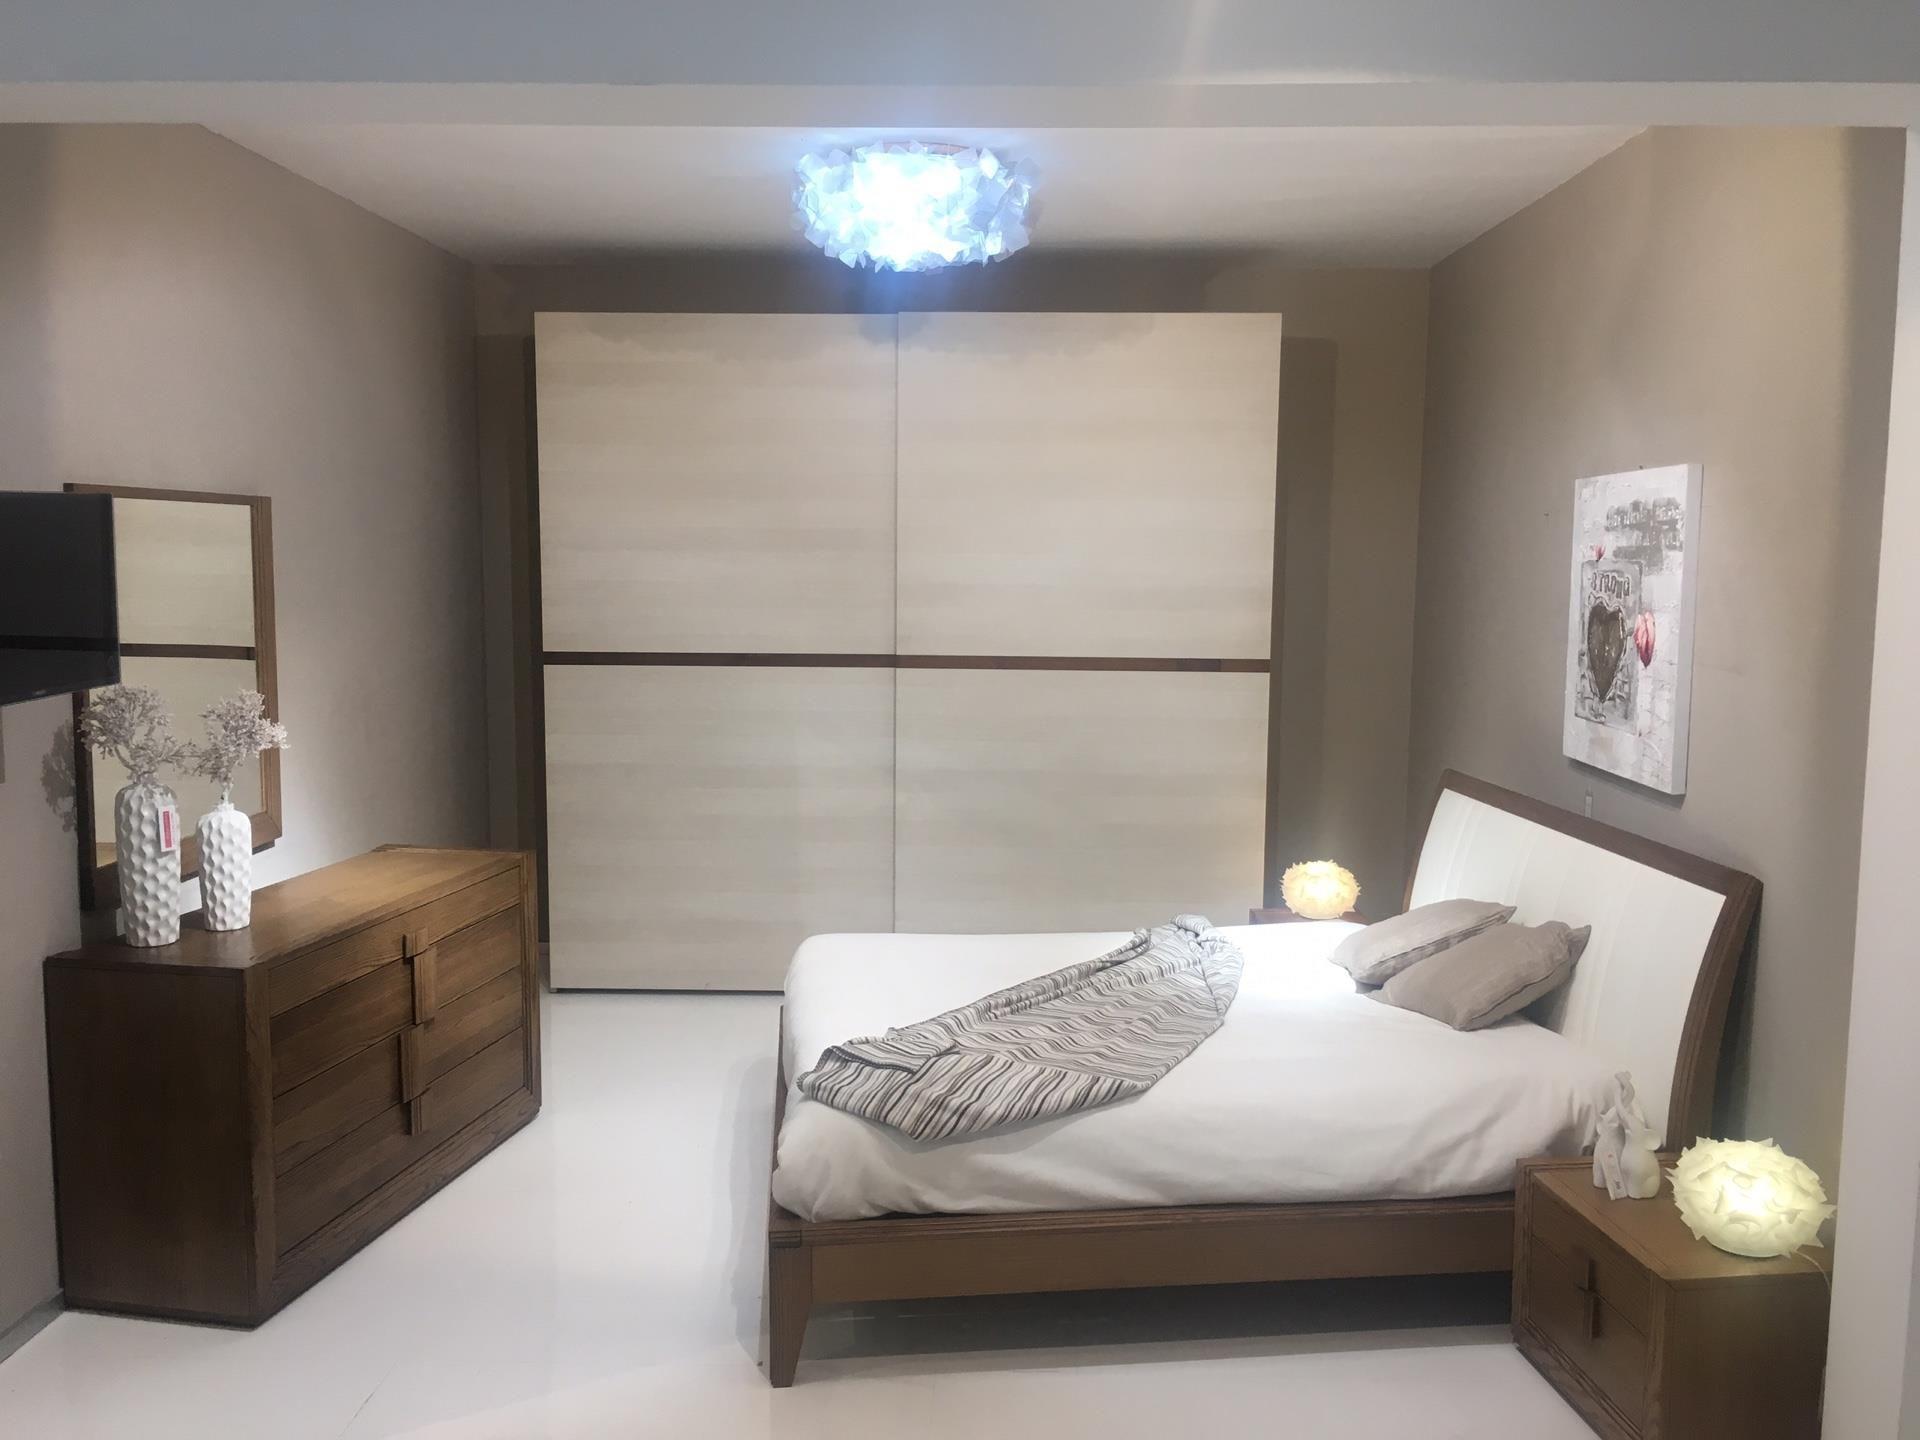 🔥 Offerta - Camera da letto completa: armadio scorrevole, comò ...